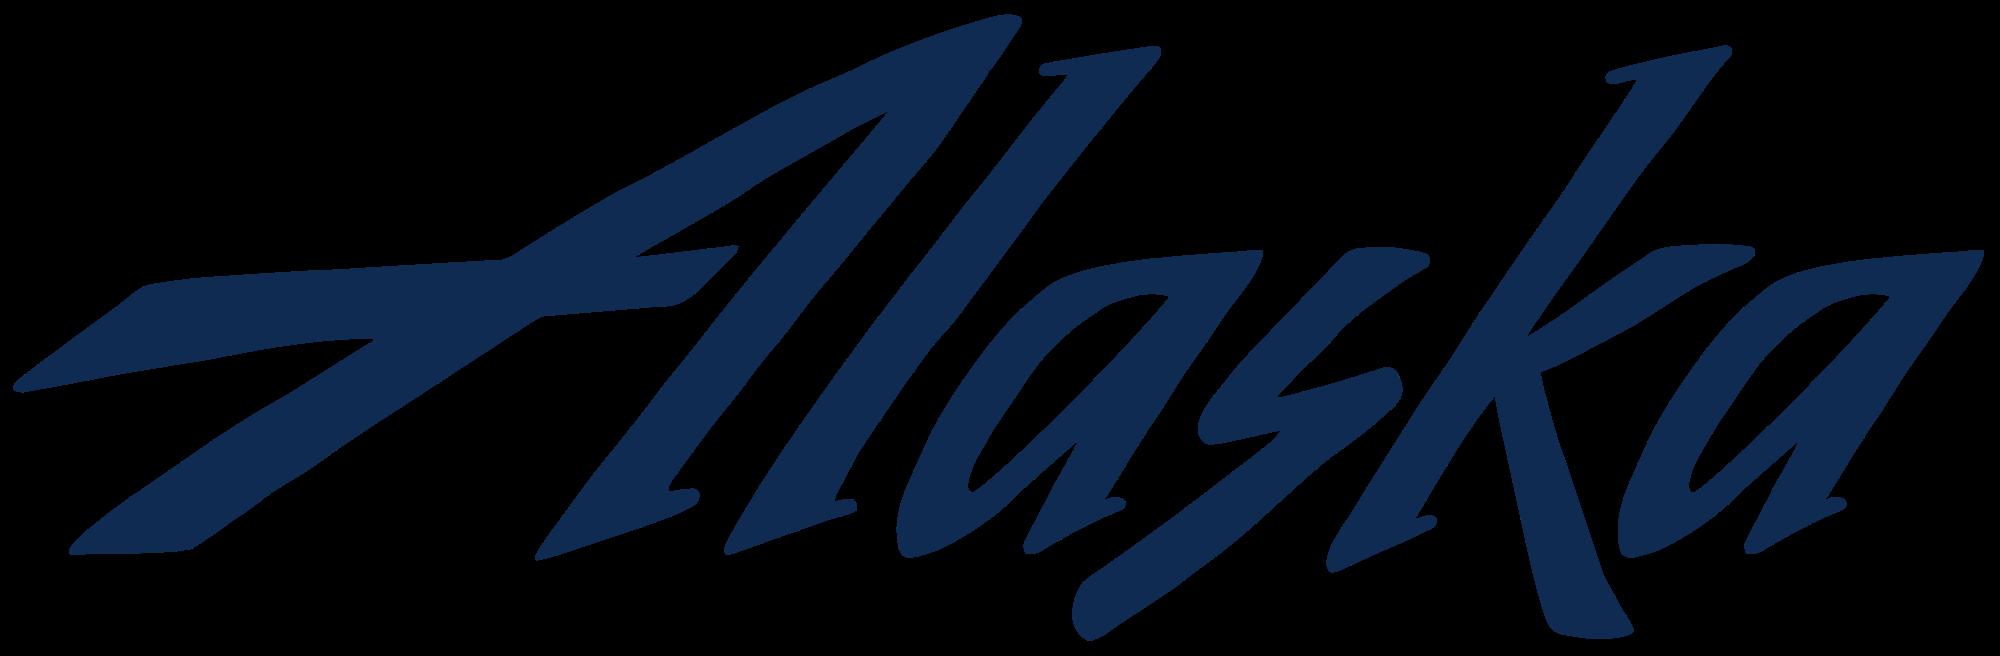 Alaska Airlines Vector PNG